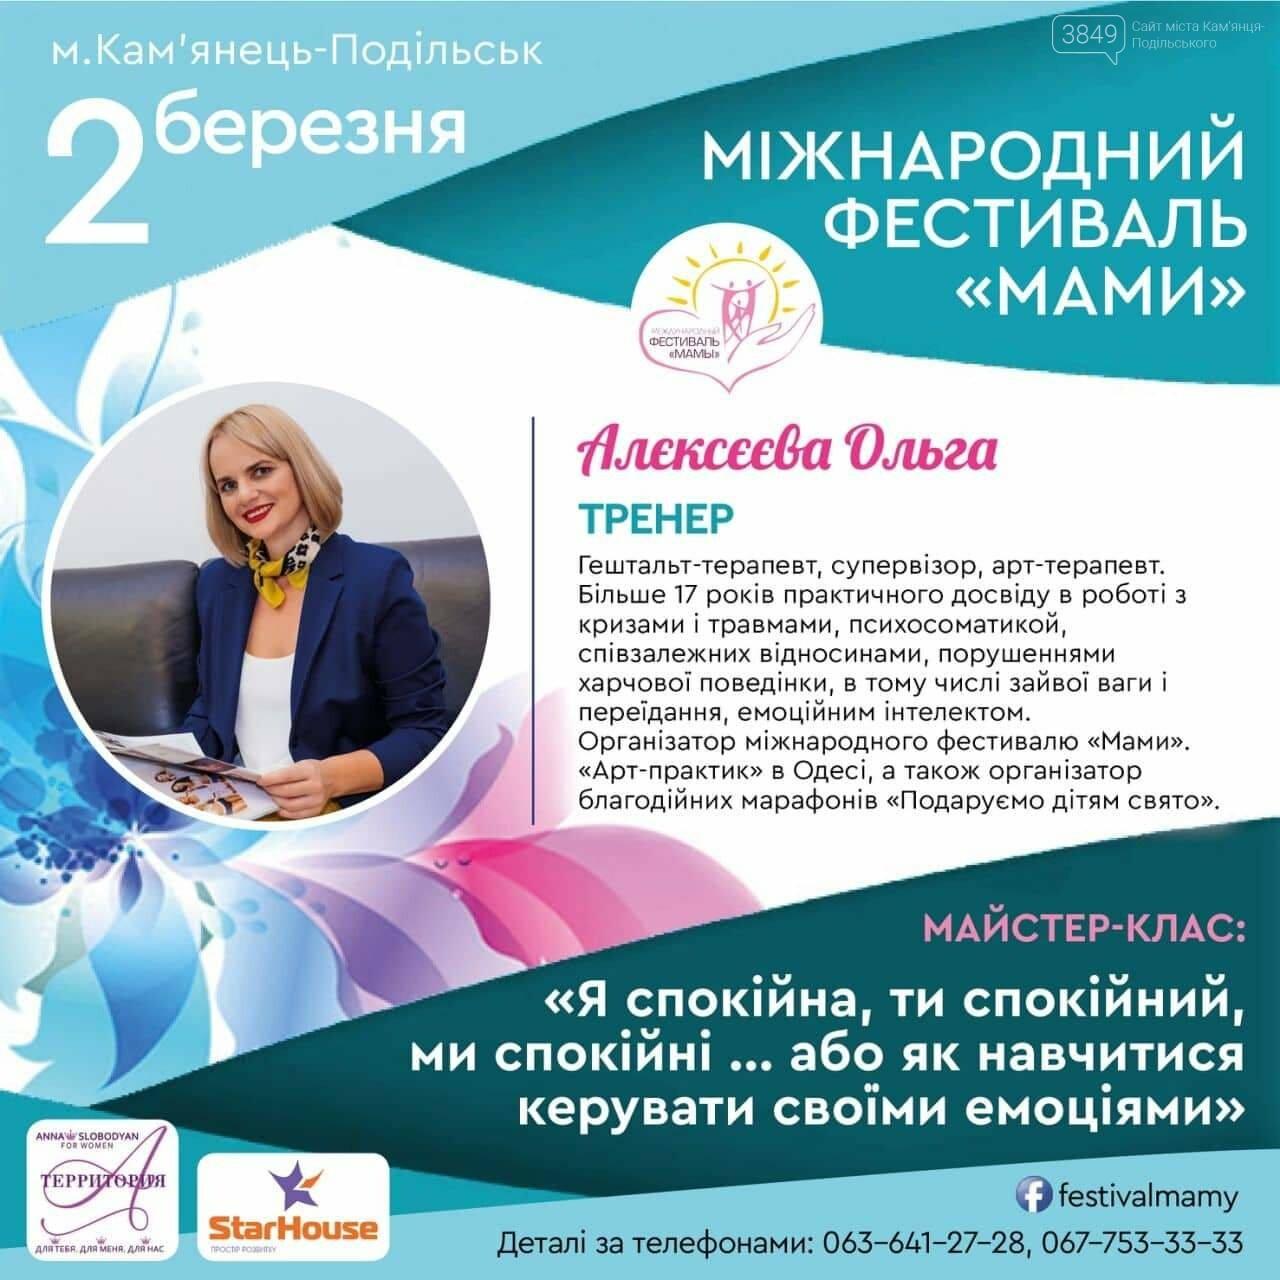 """Міжнародний фестиваль """"Мами"""" прийме гостей з інших міст України, фото-2"""